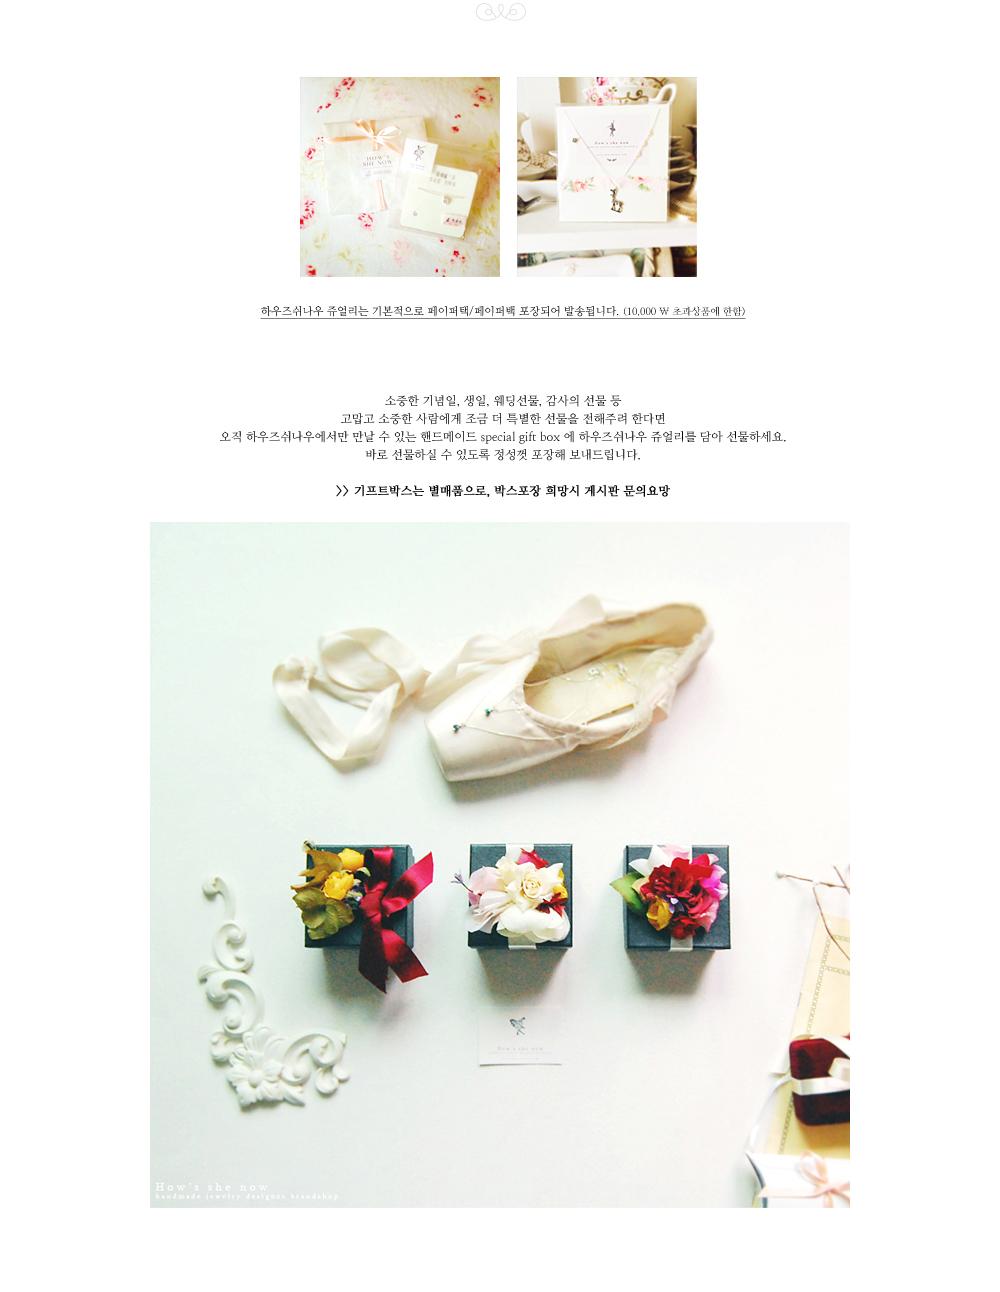 심플 그린 지르코니아 드롭 earring - 하우즈쉬나우, 9,800원, 골드, 볼/미니귀걸이